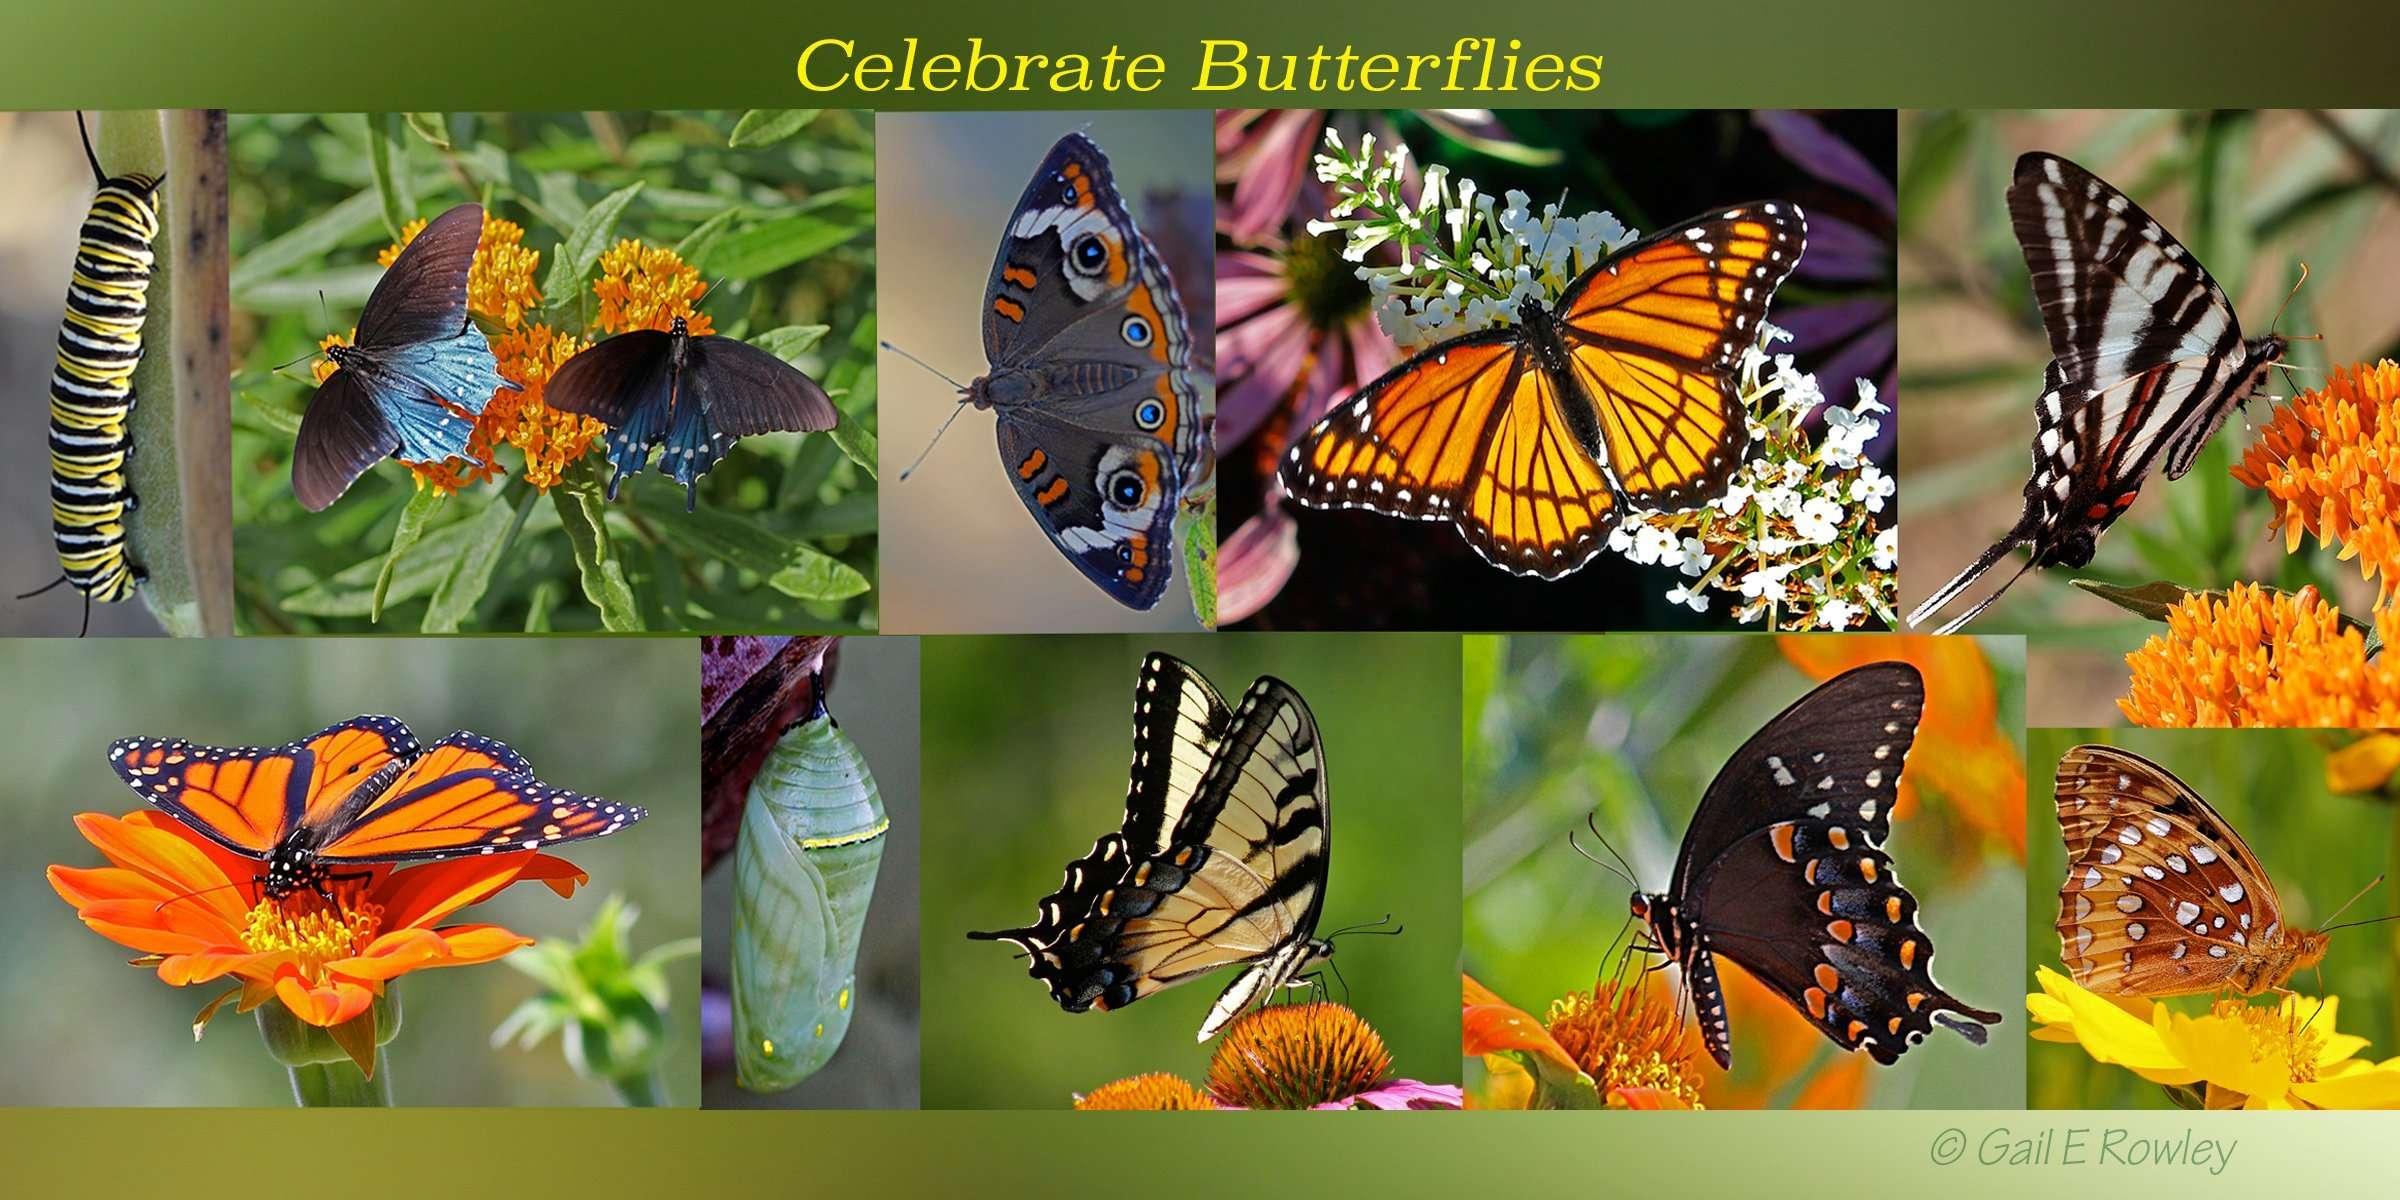 Celebrate Butterflies!